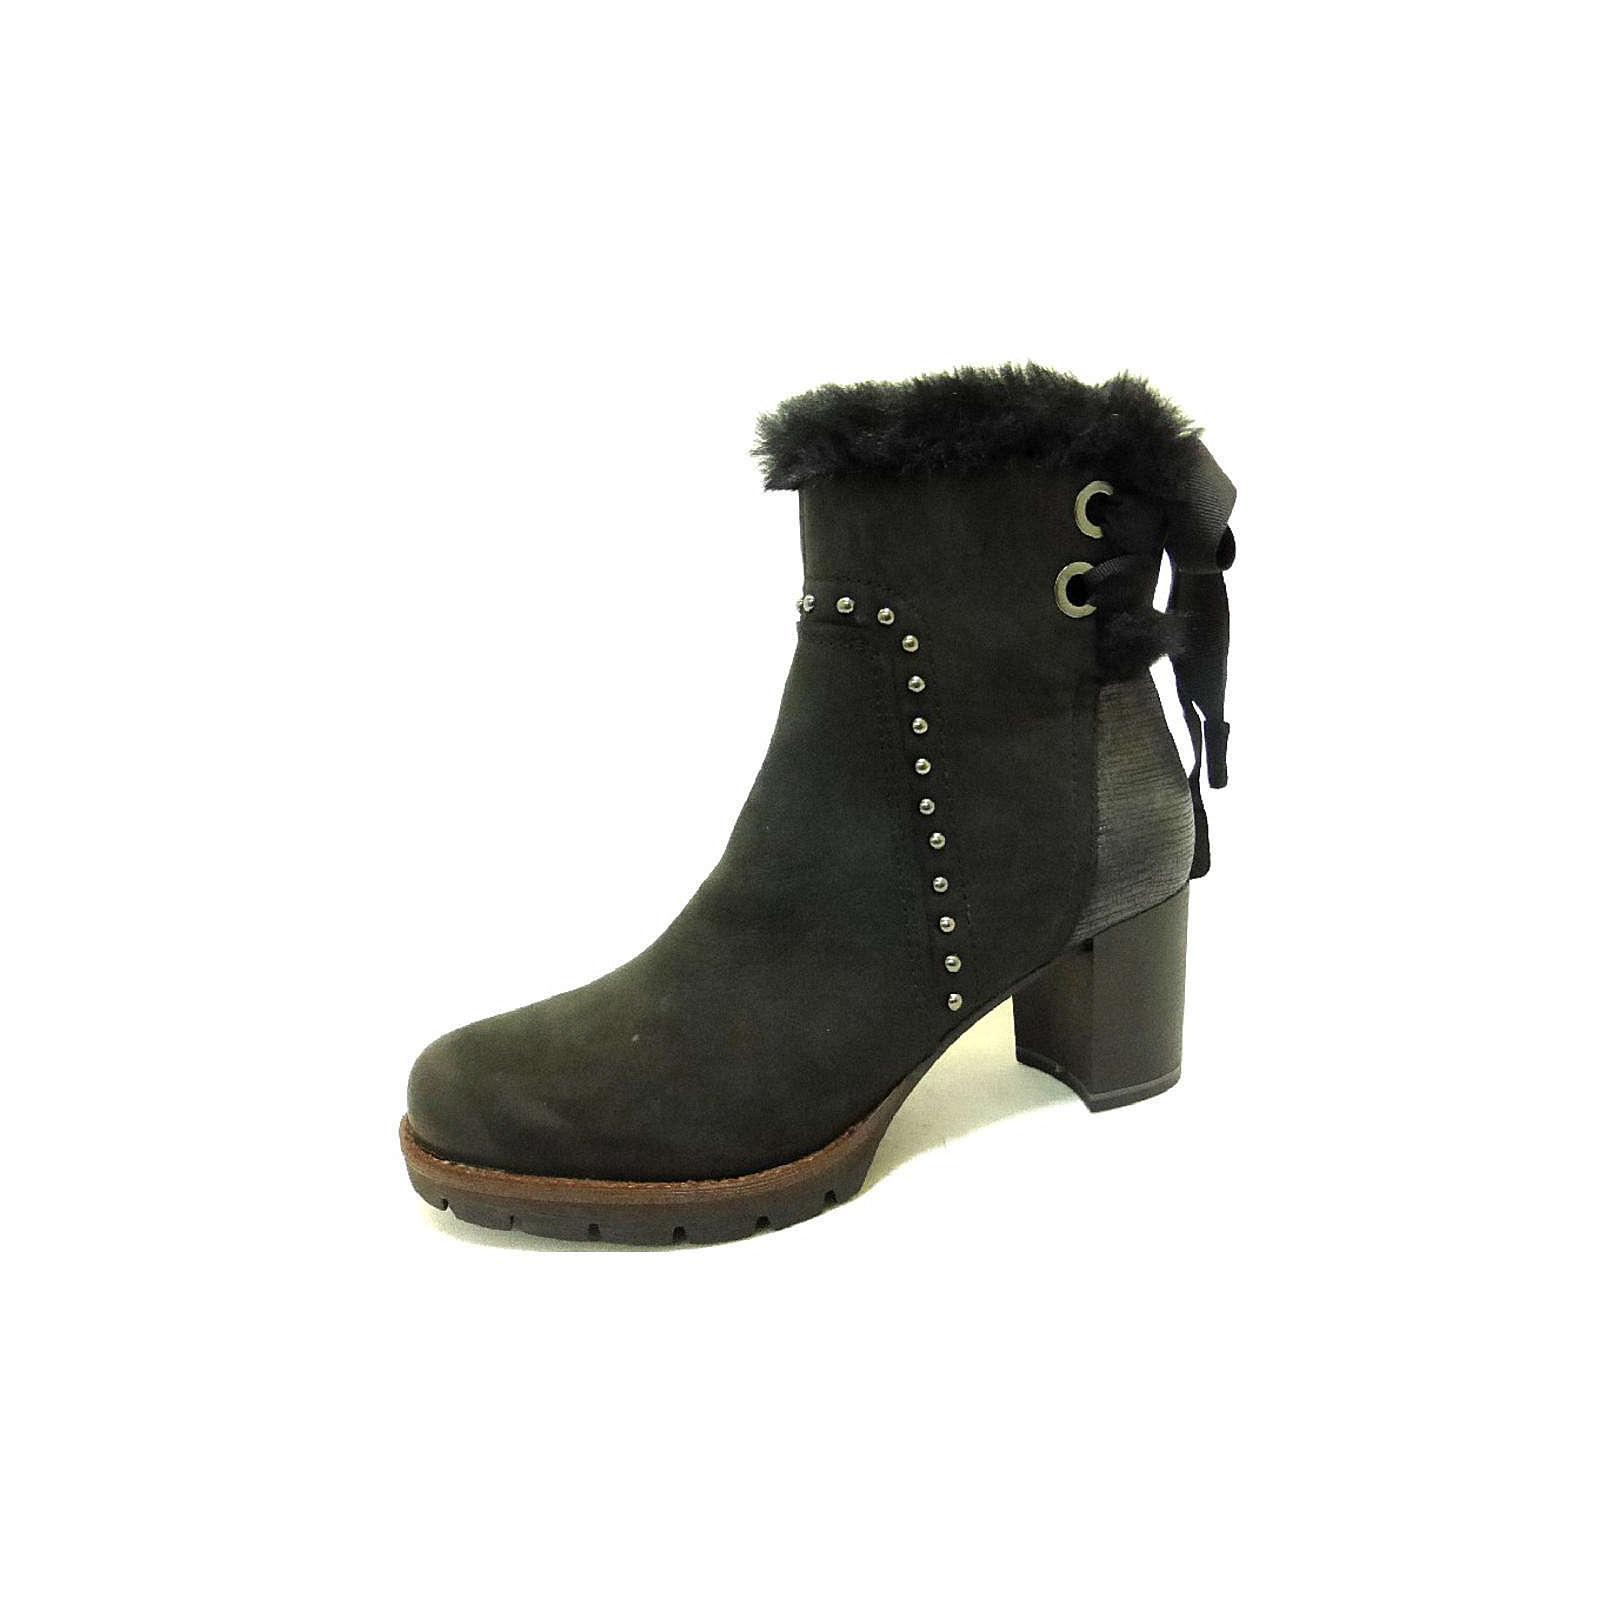 MARCO TOZZI Stiefel schwarz Klassische Stiefeletten schwarz Damen Gr. 37